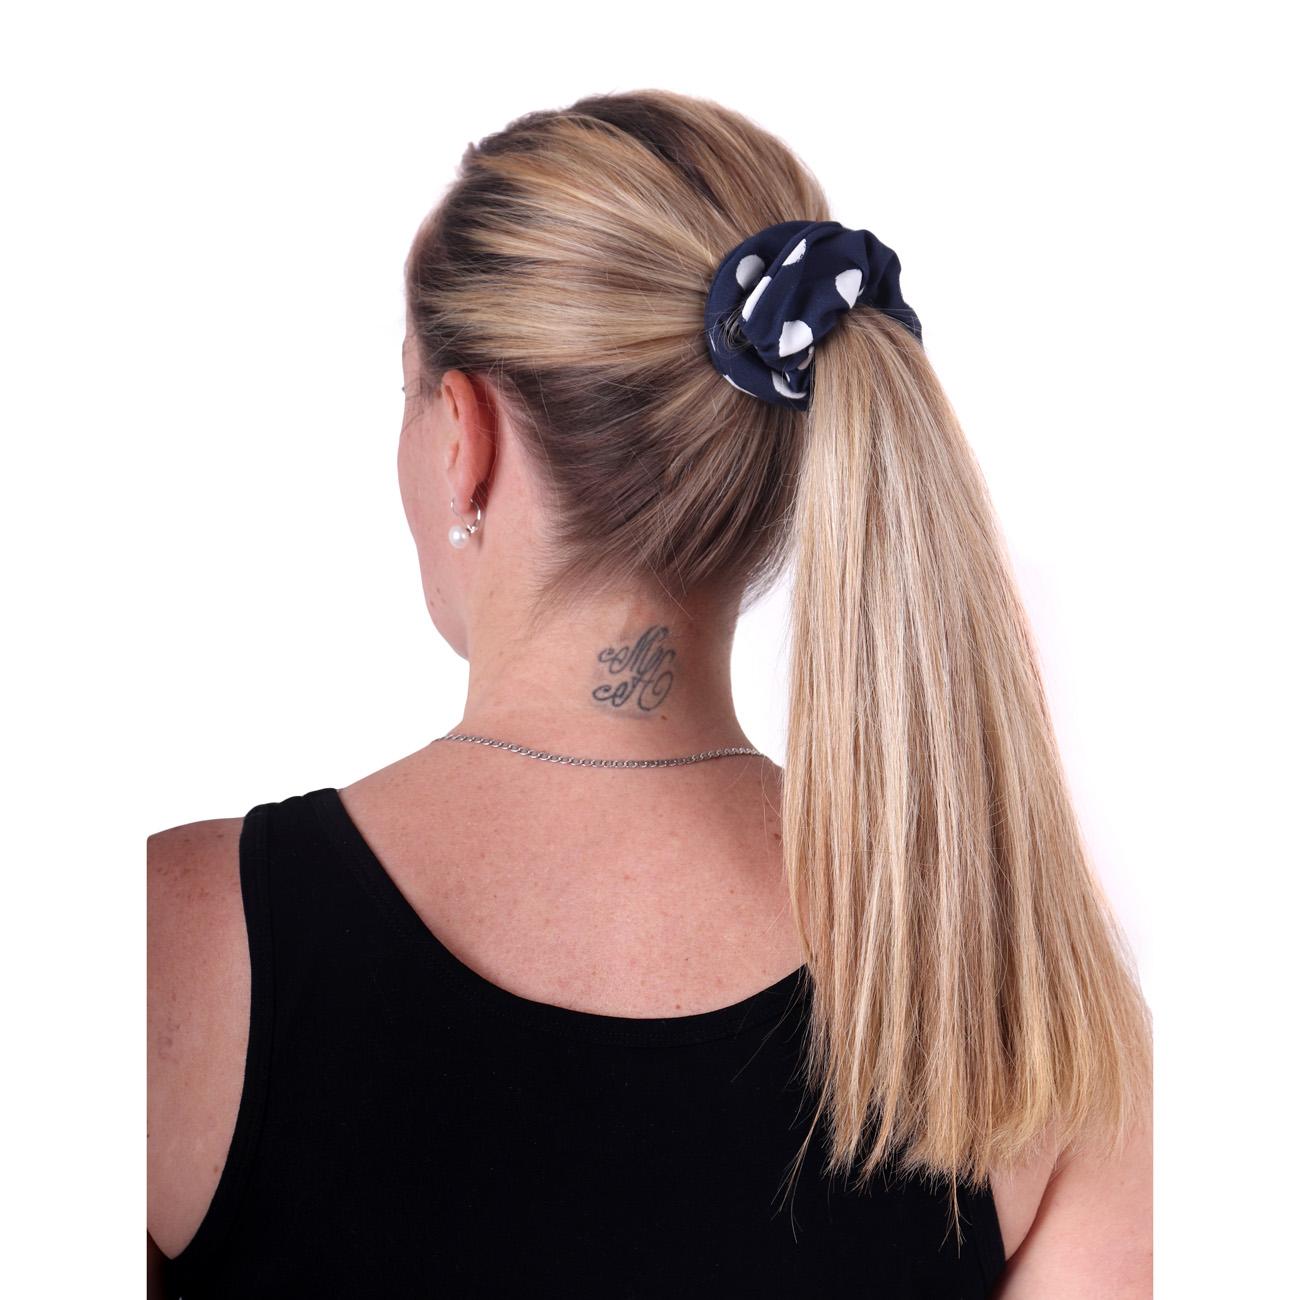 Látková gumička do vlasů, velká, modrá s puntíky